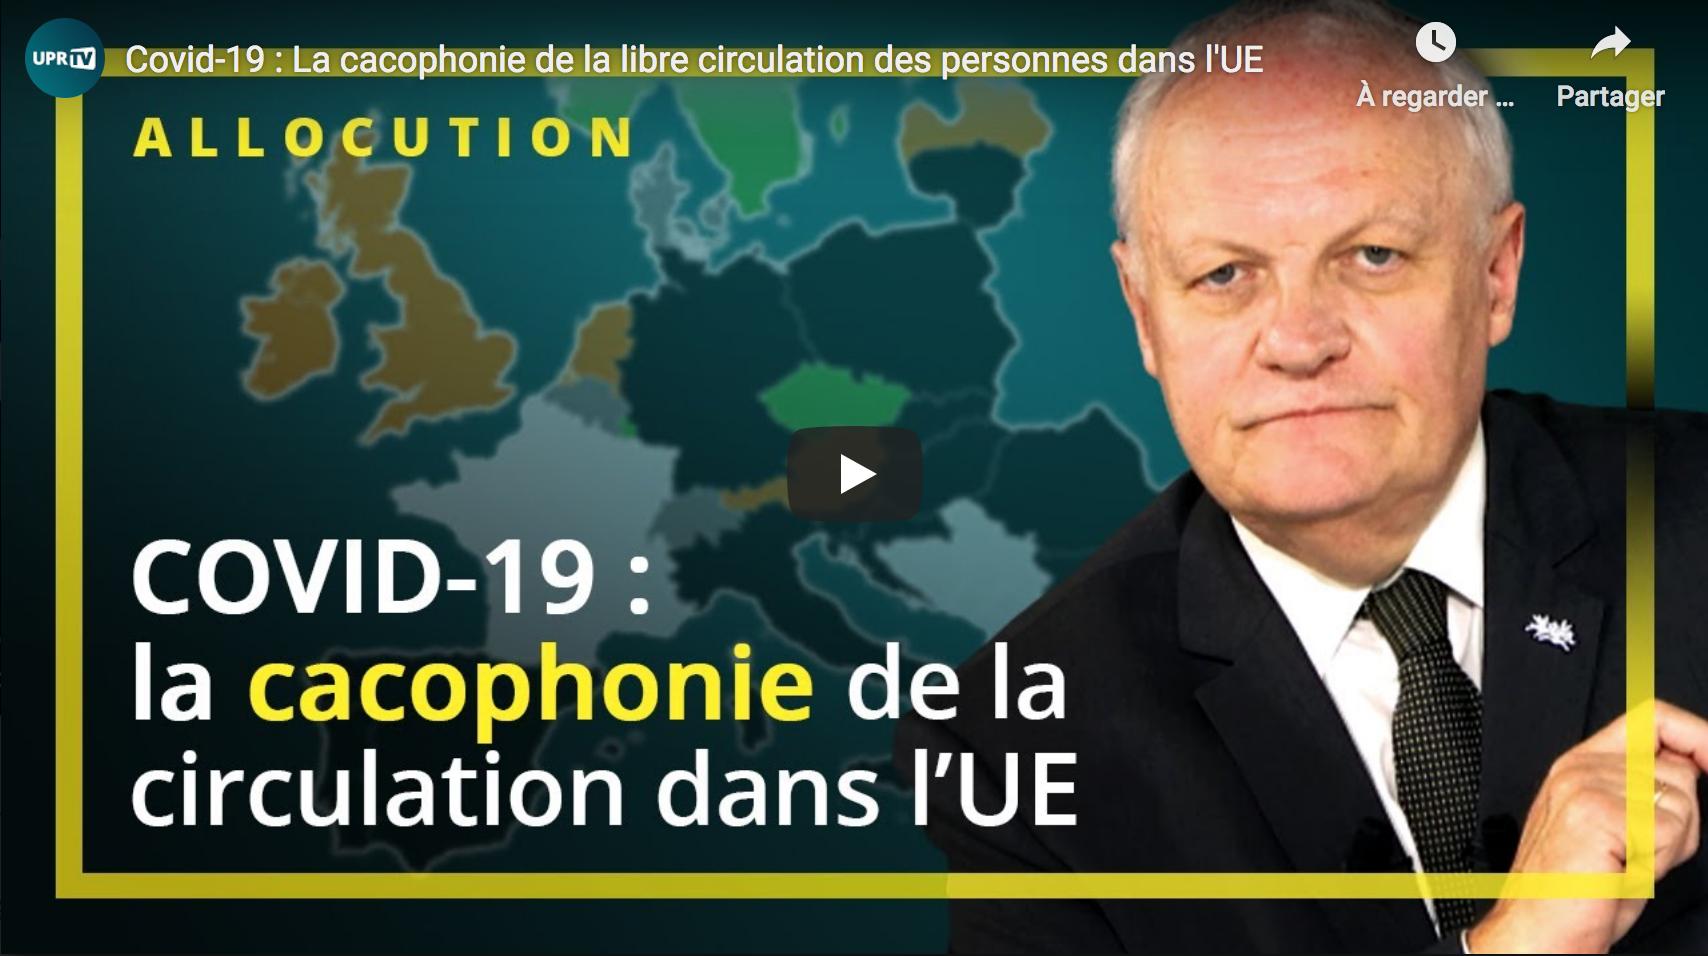 Covid-19 : La cacophonie de la libre circulation des personnes dans l'UE (François Asselineau)